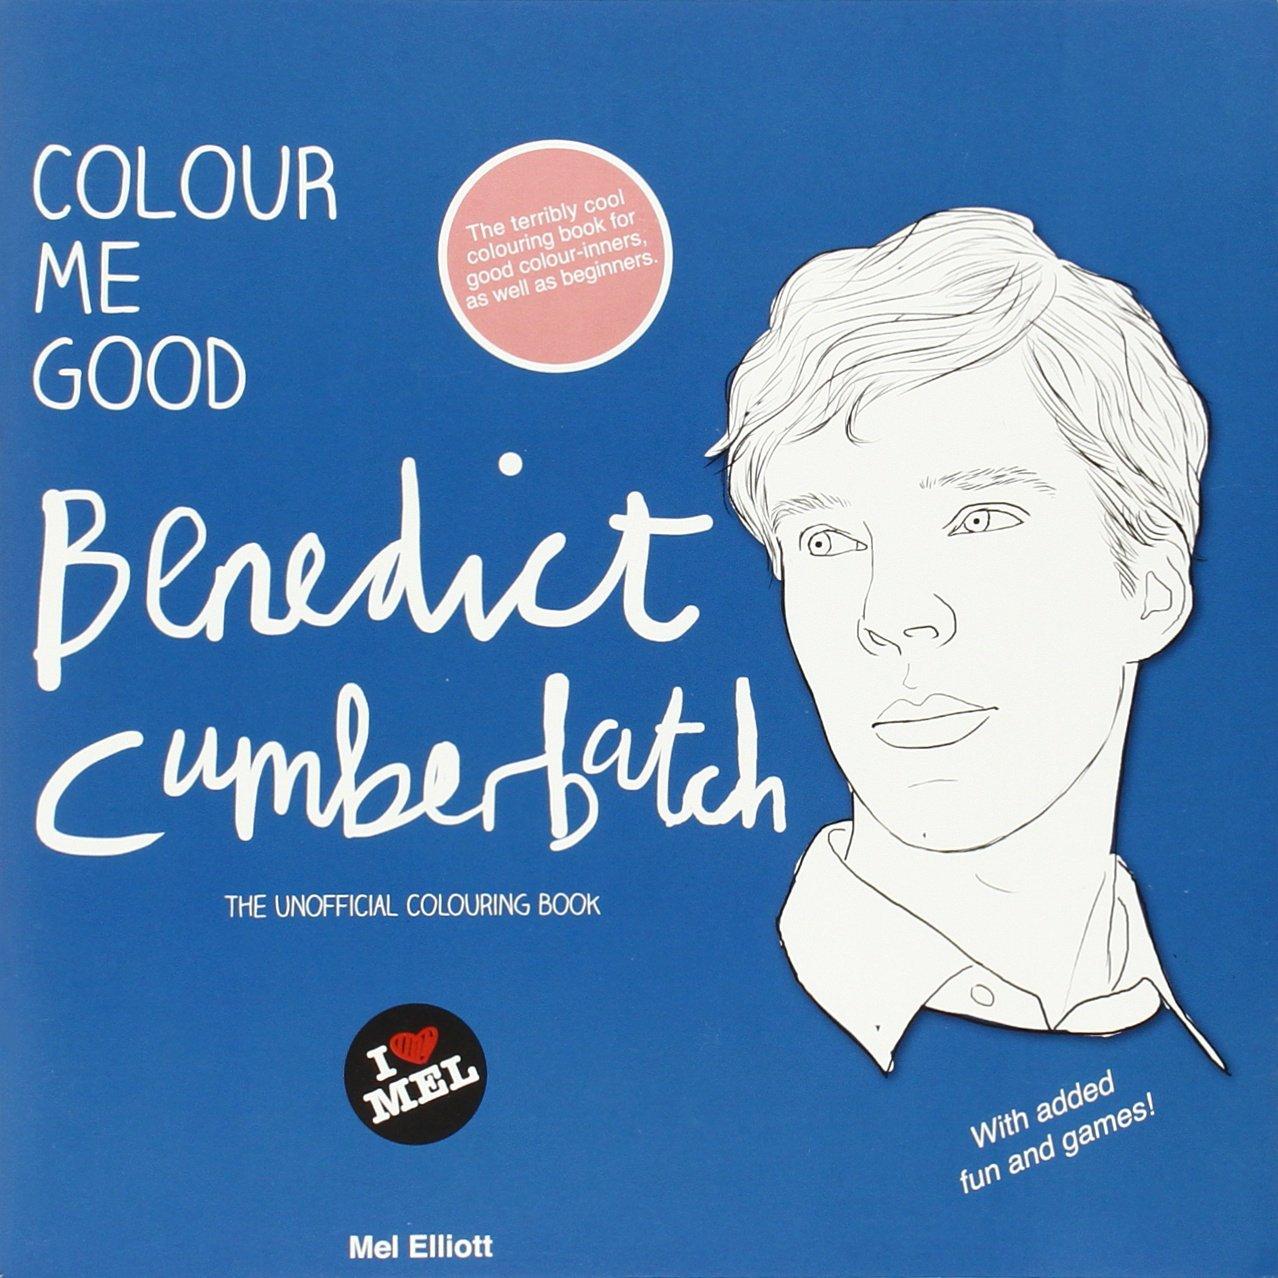 ACB Benedict Cumberbatch